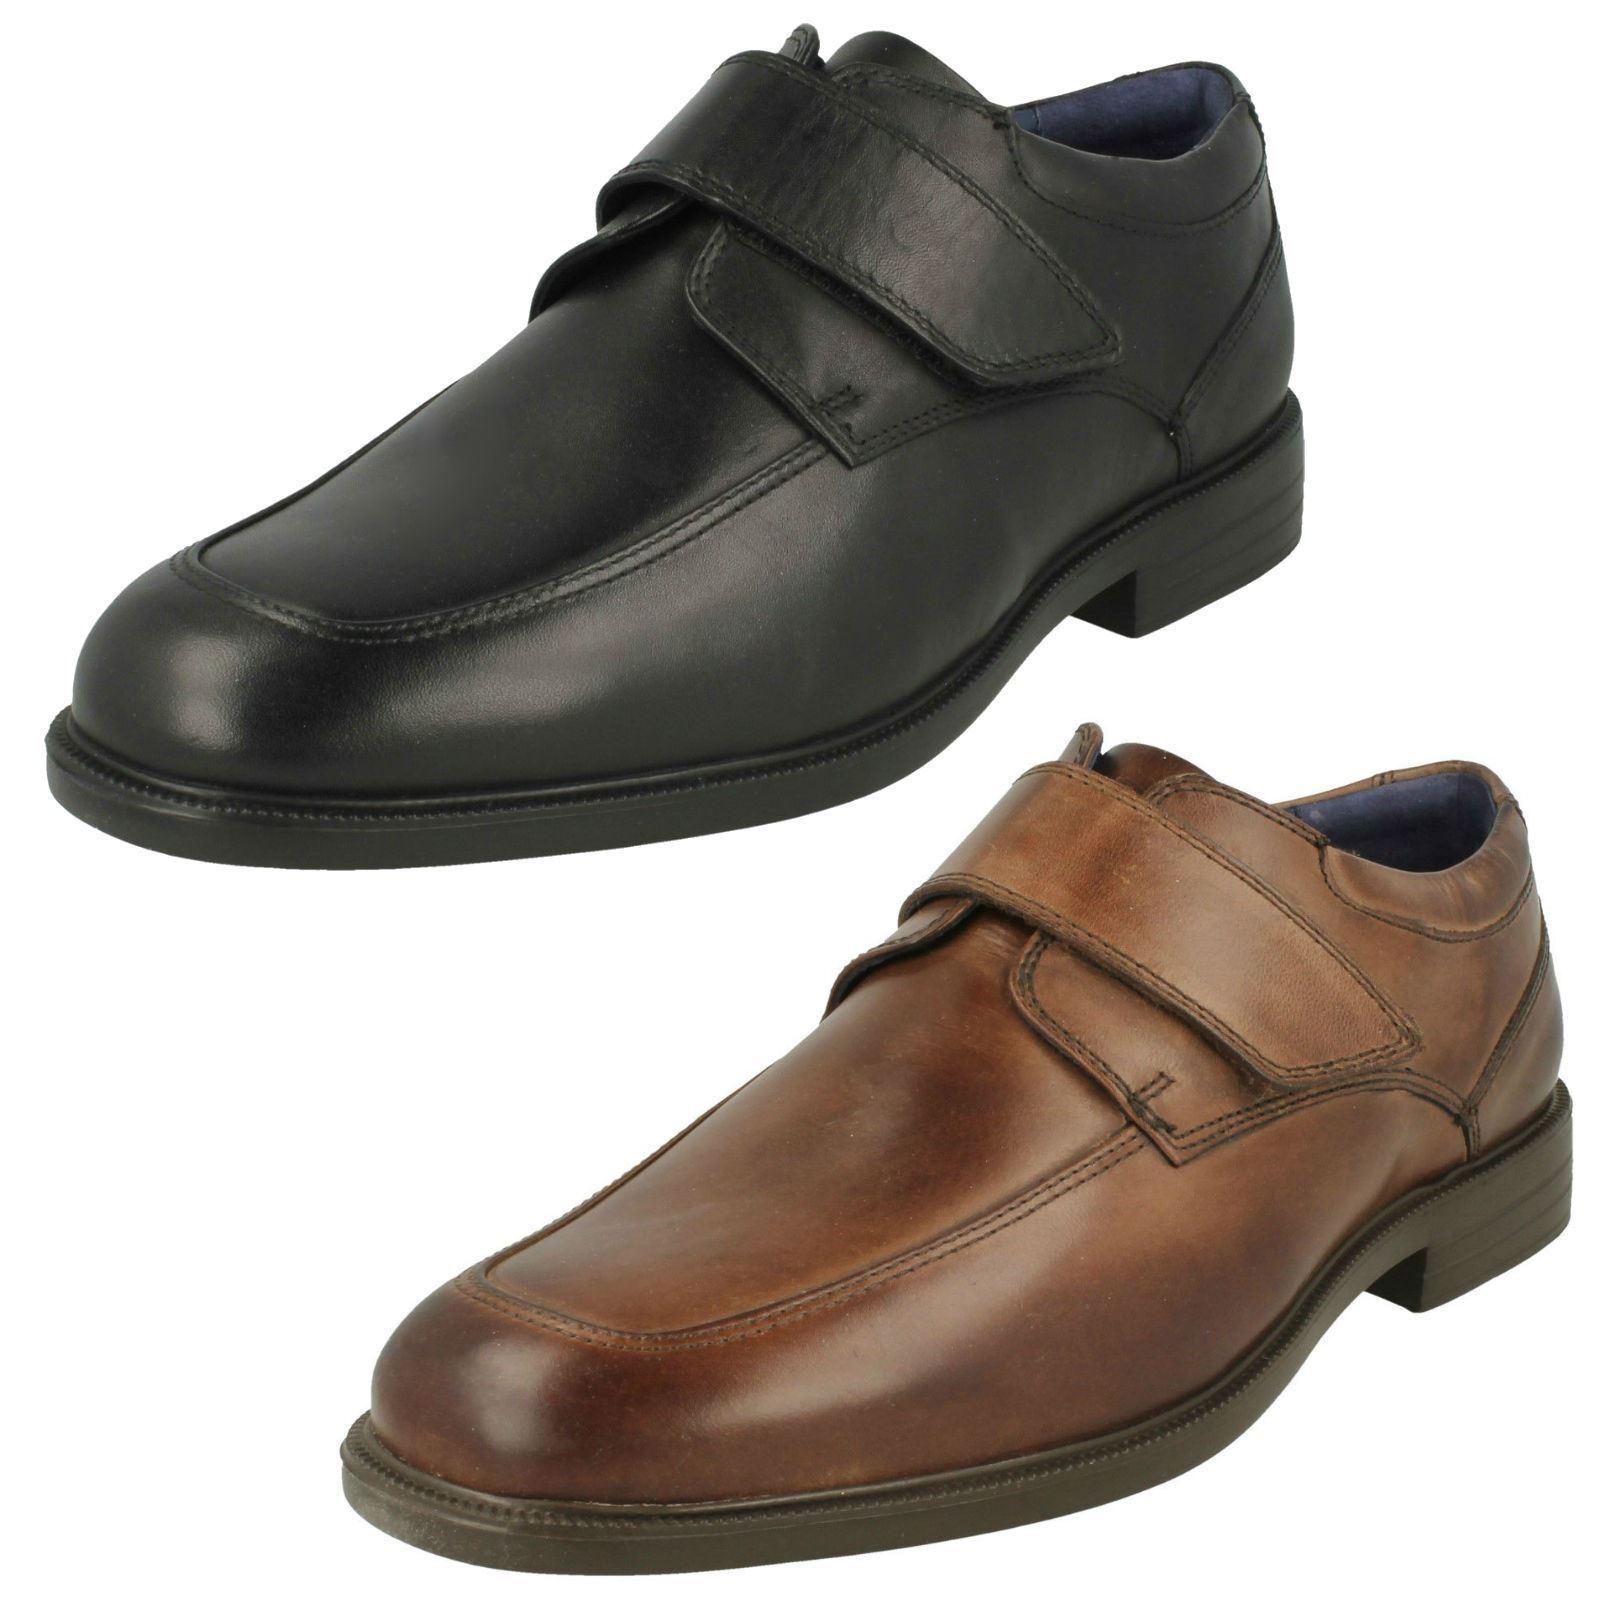 'Mens Padders' Formal Hook & Loop Fastening Shoes - Brent